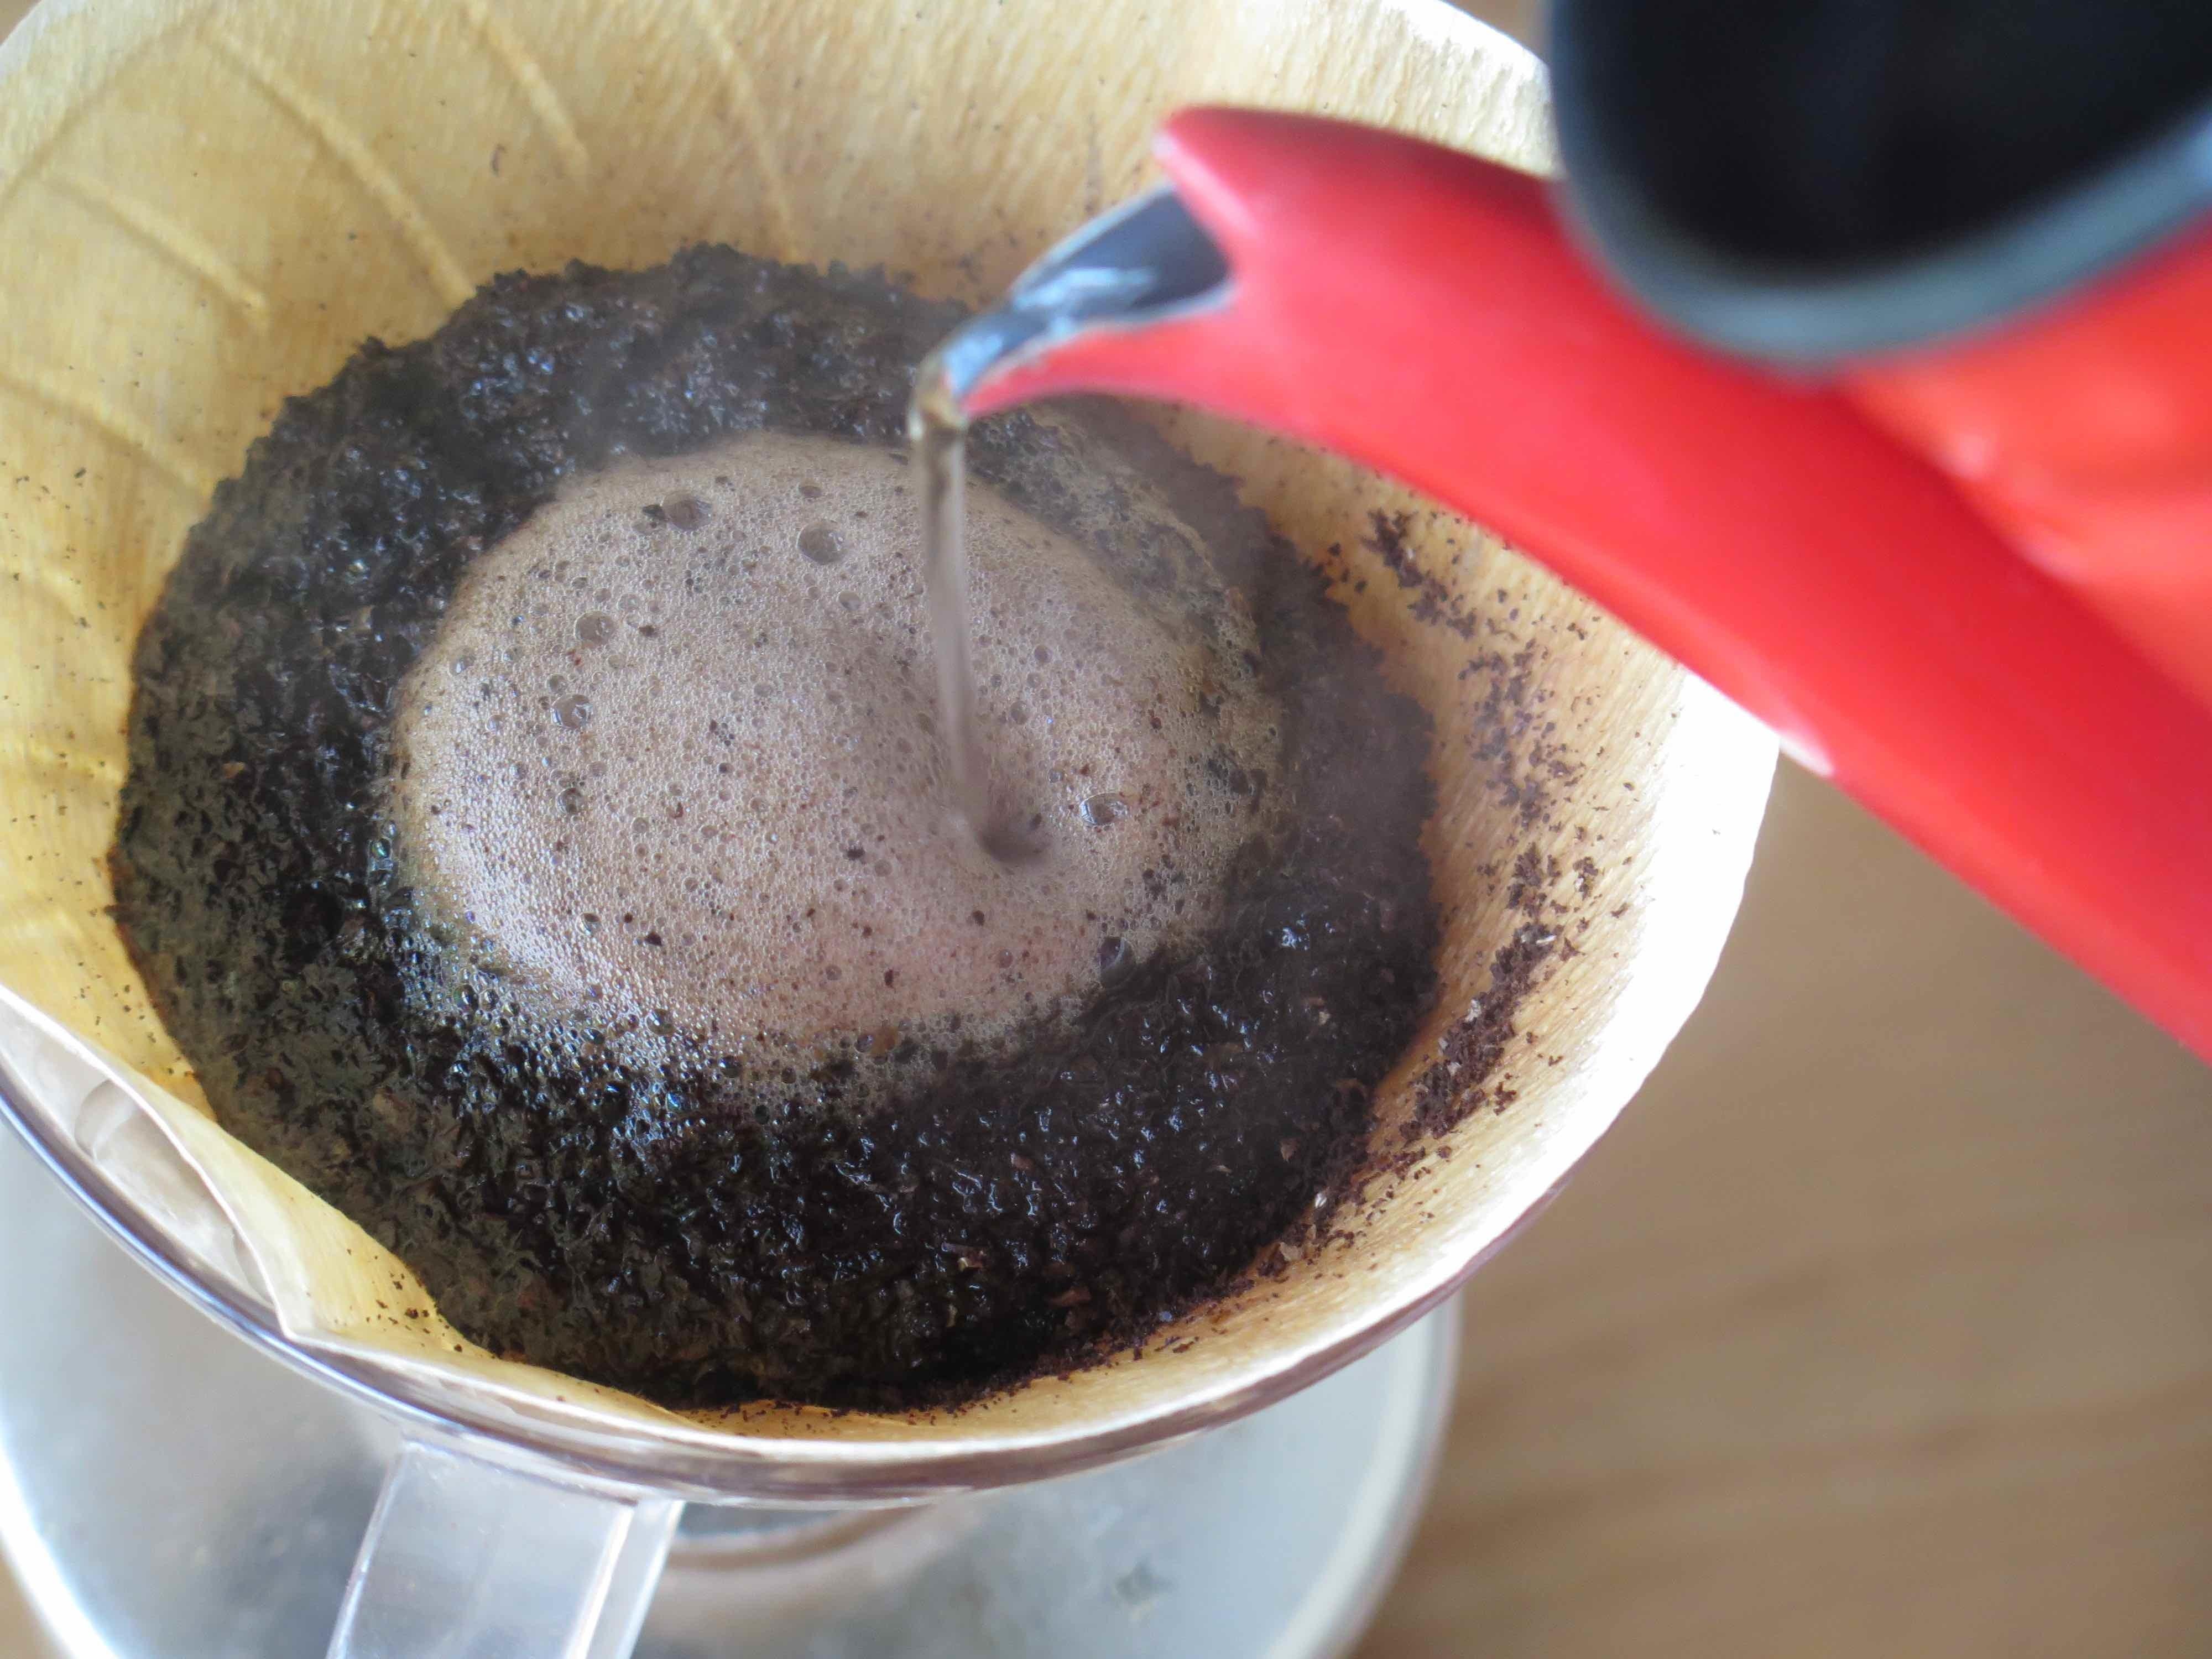 土鍋焙煎 ニドムブレンド コーヒー豆 100g - 画像5